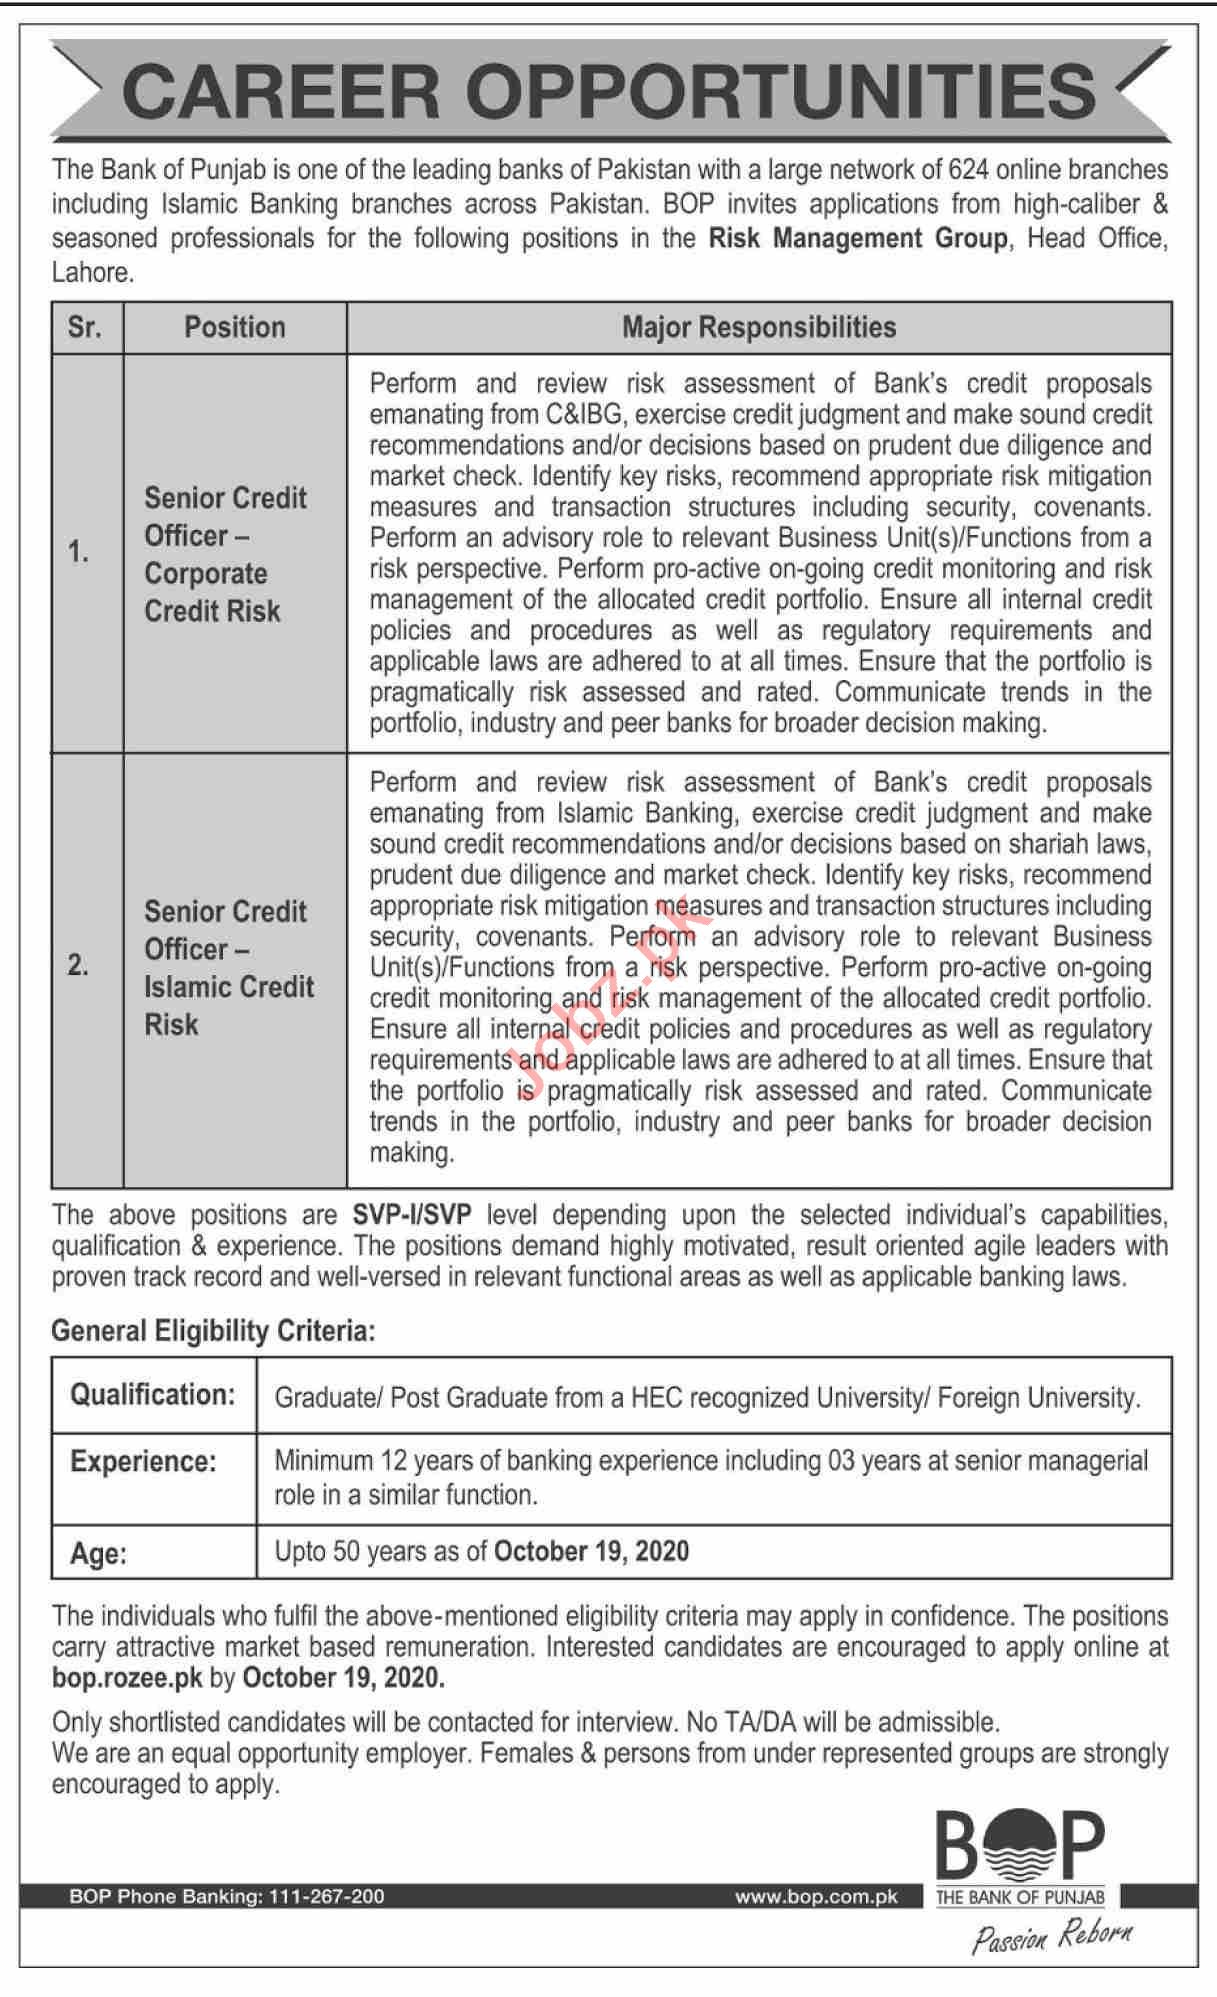 The Bank of Punjab BOP Jobs 2020 for Senior Credit Officer